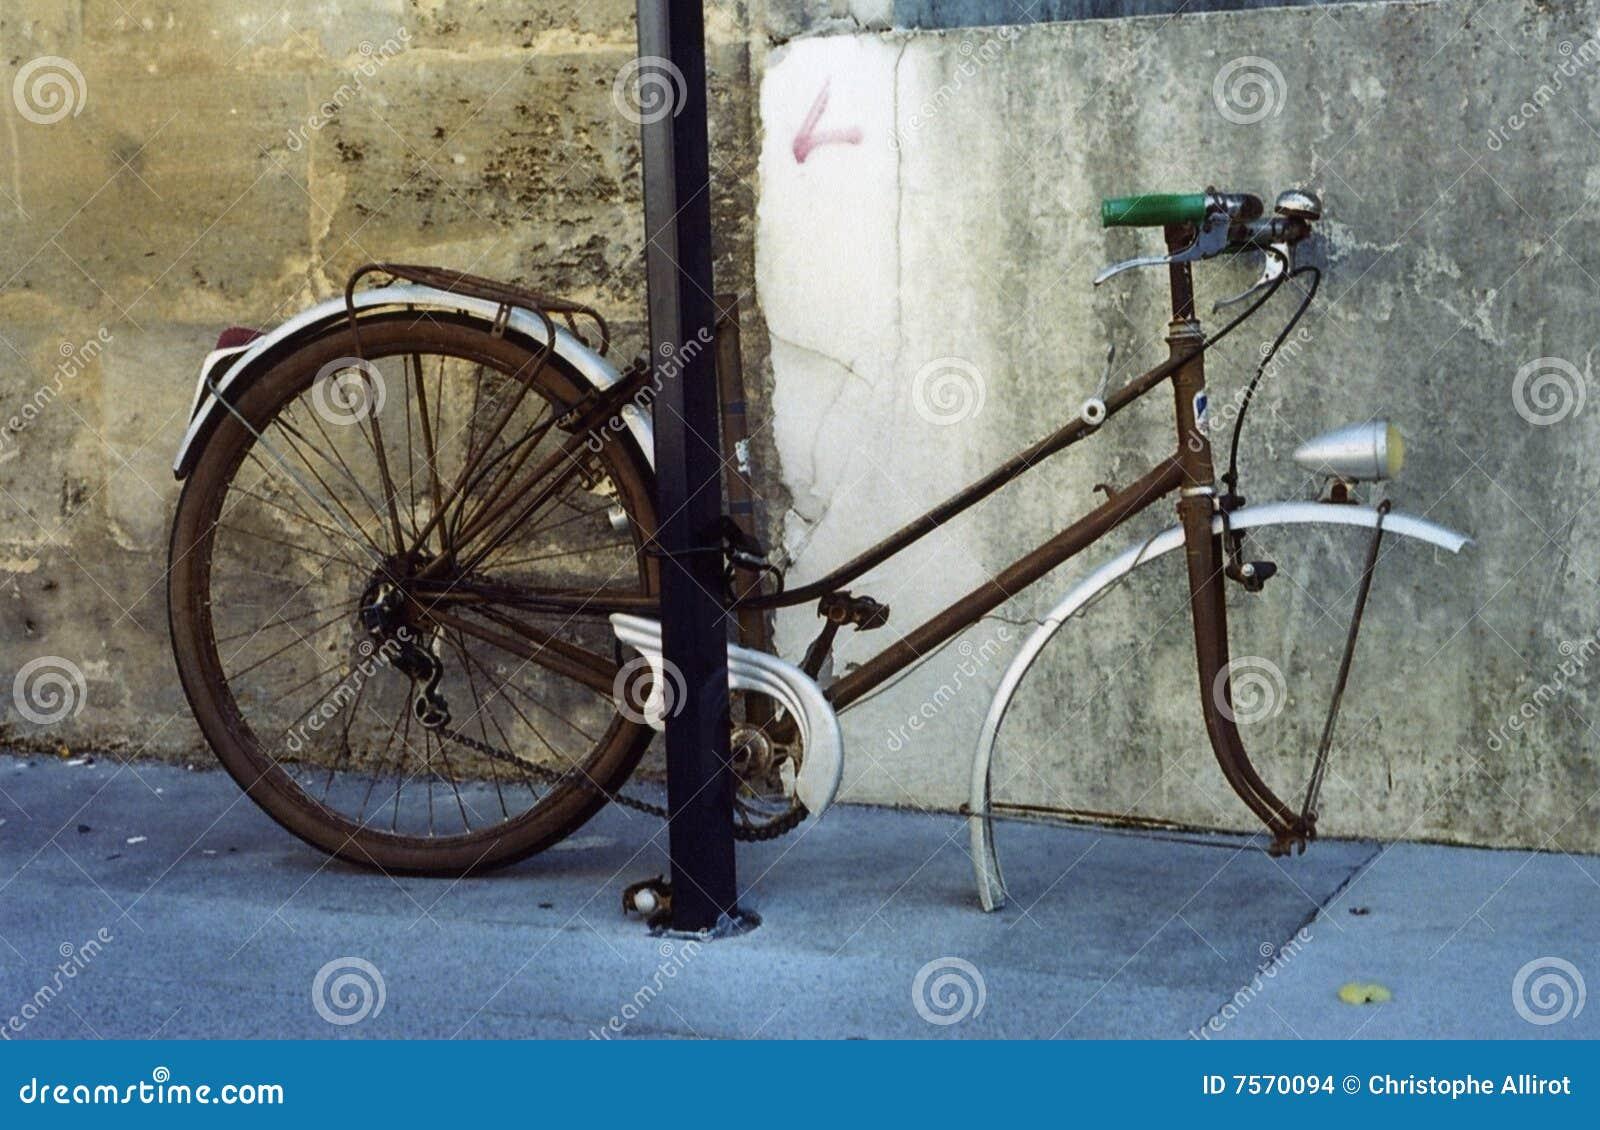 The sad bike